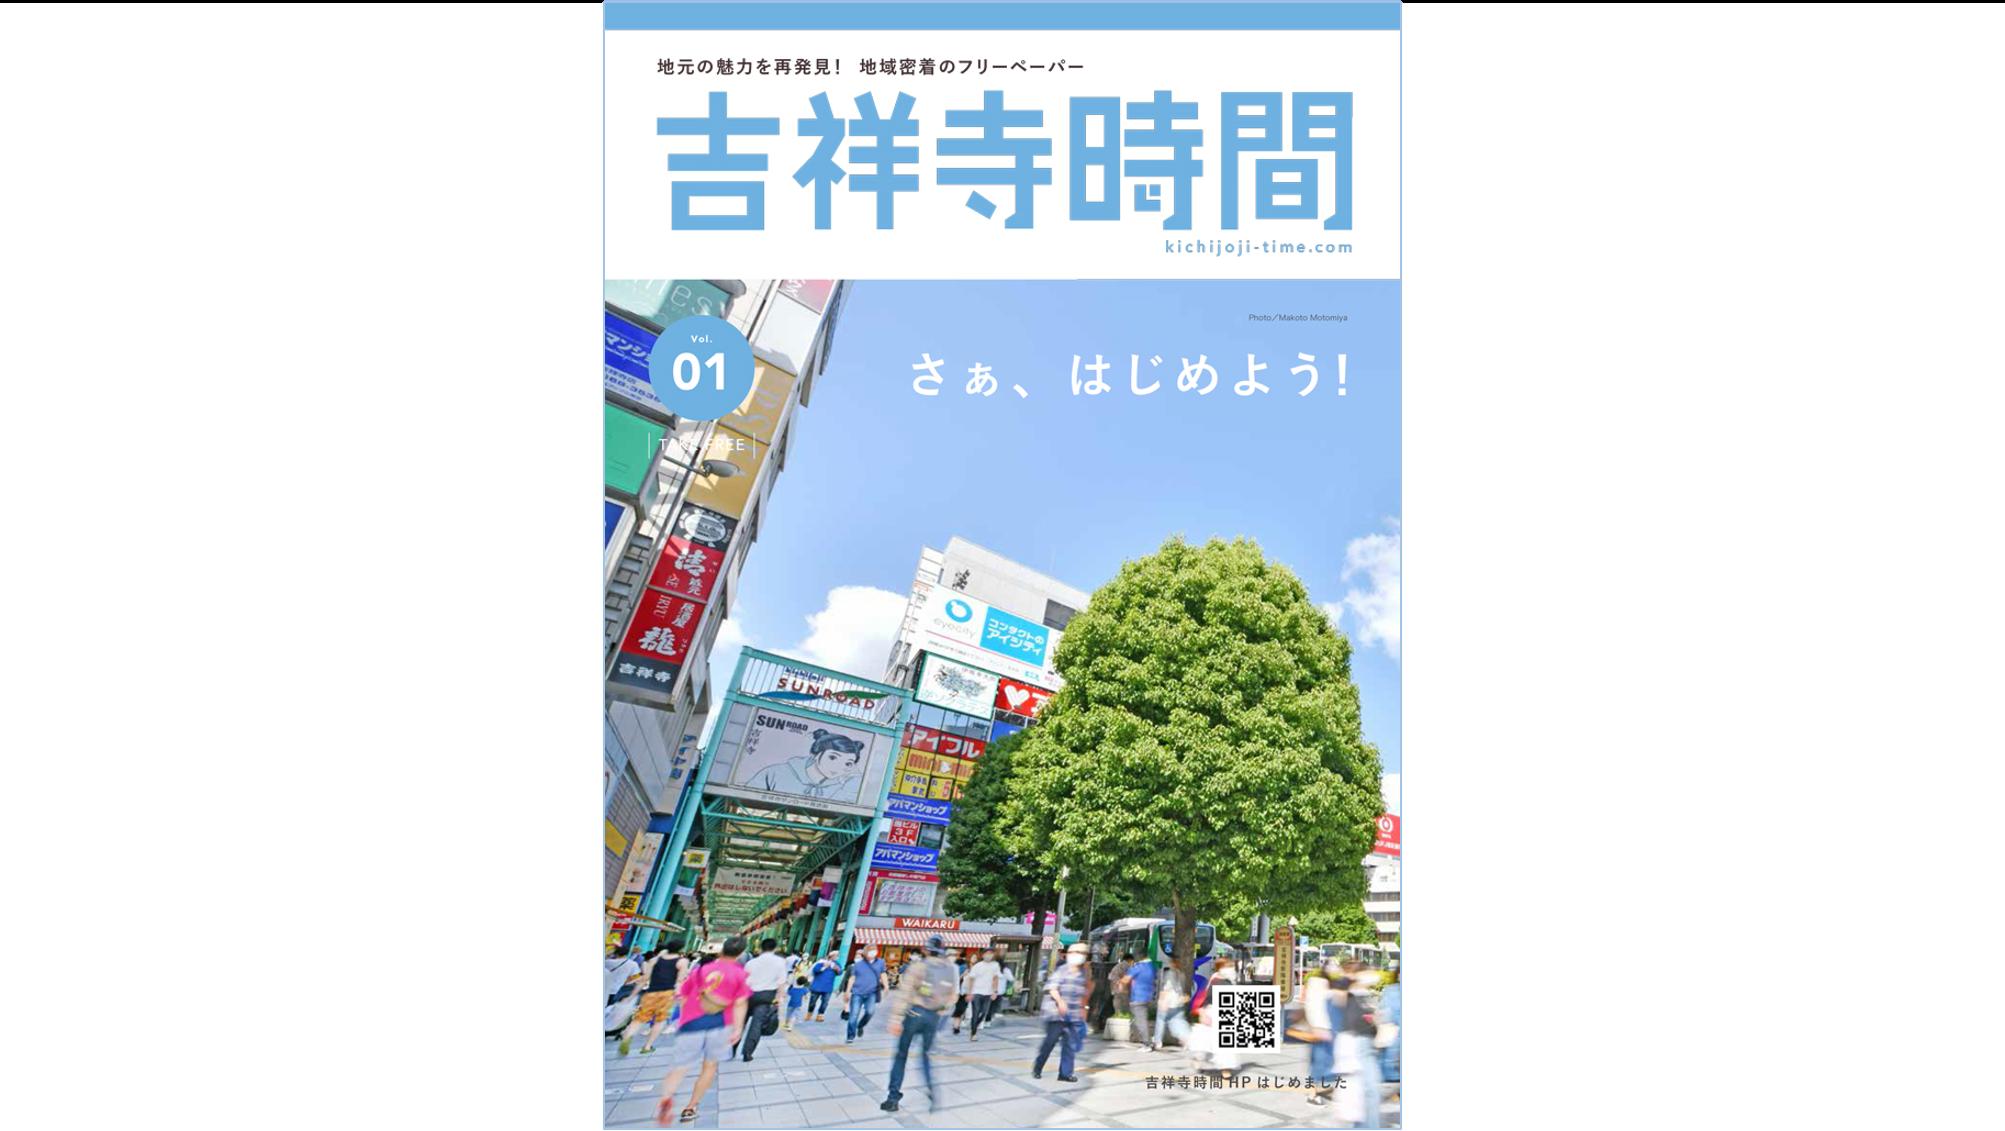 フリーマガジン『吉祥寺時間』への協力